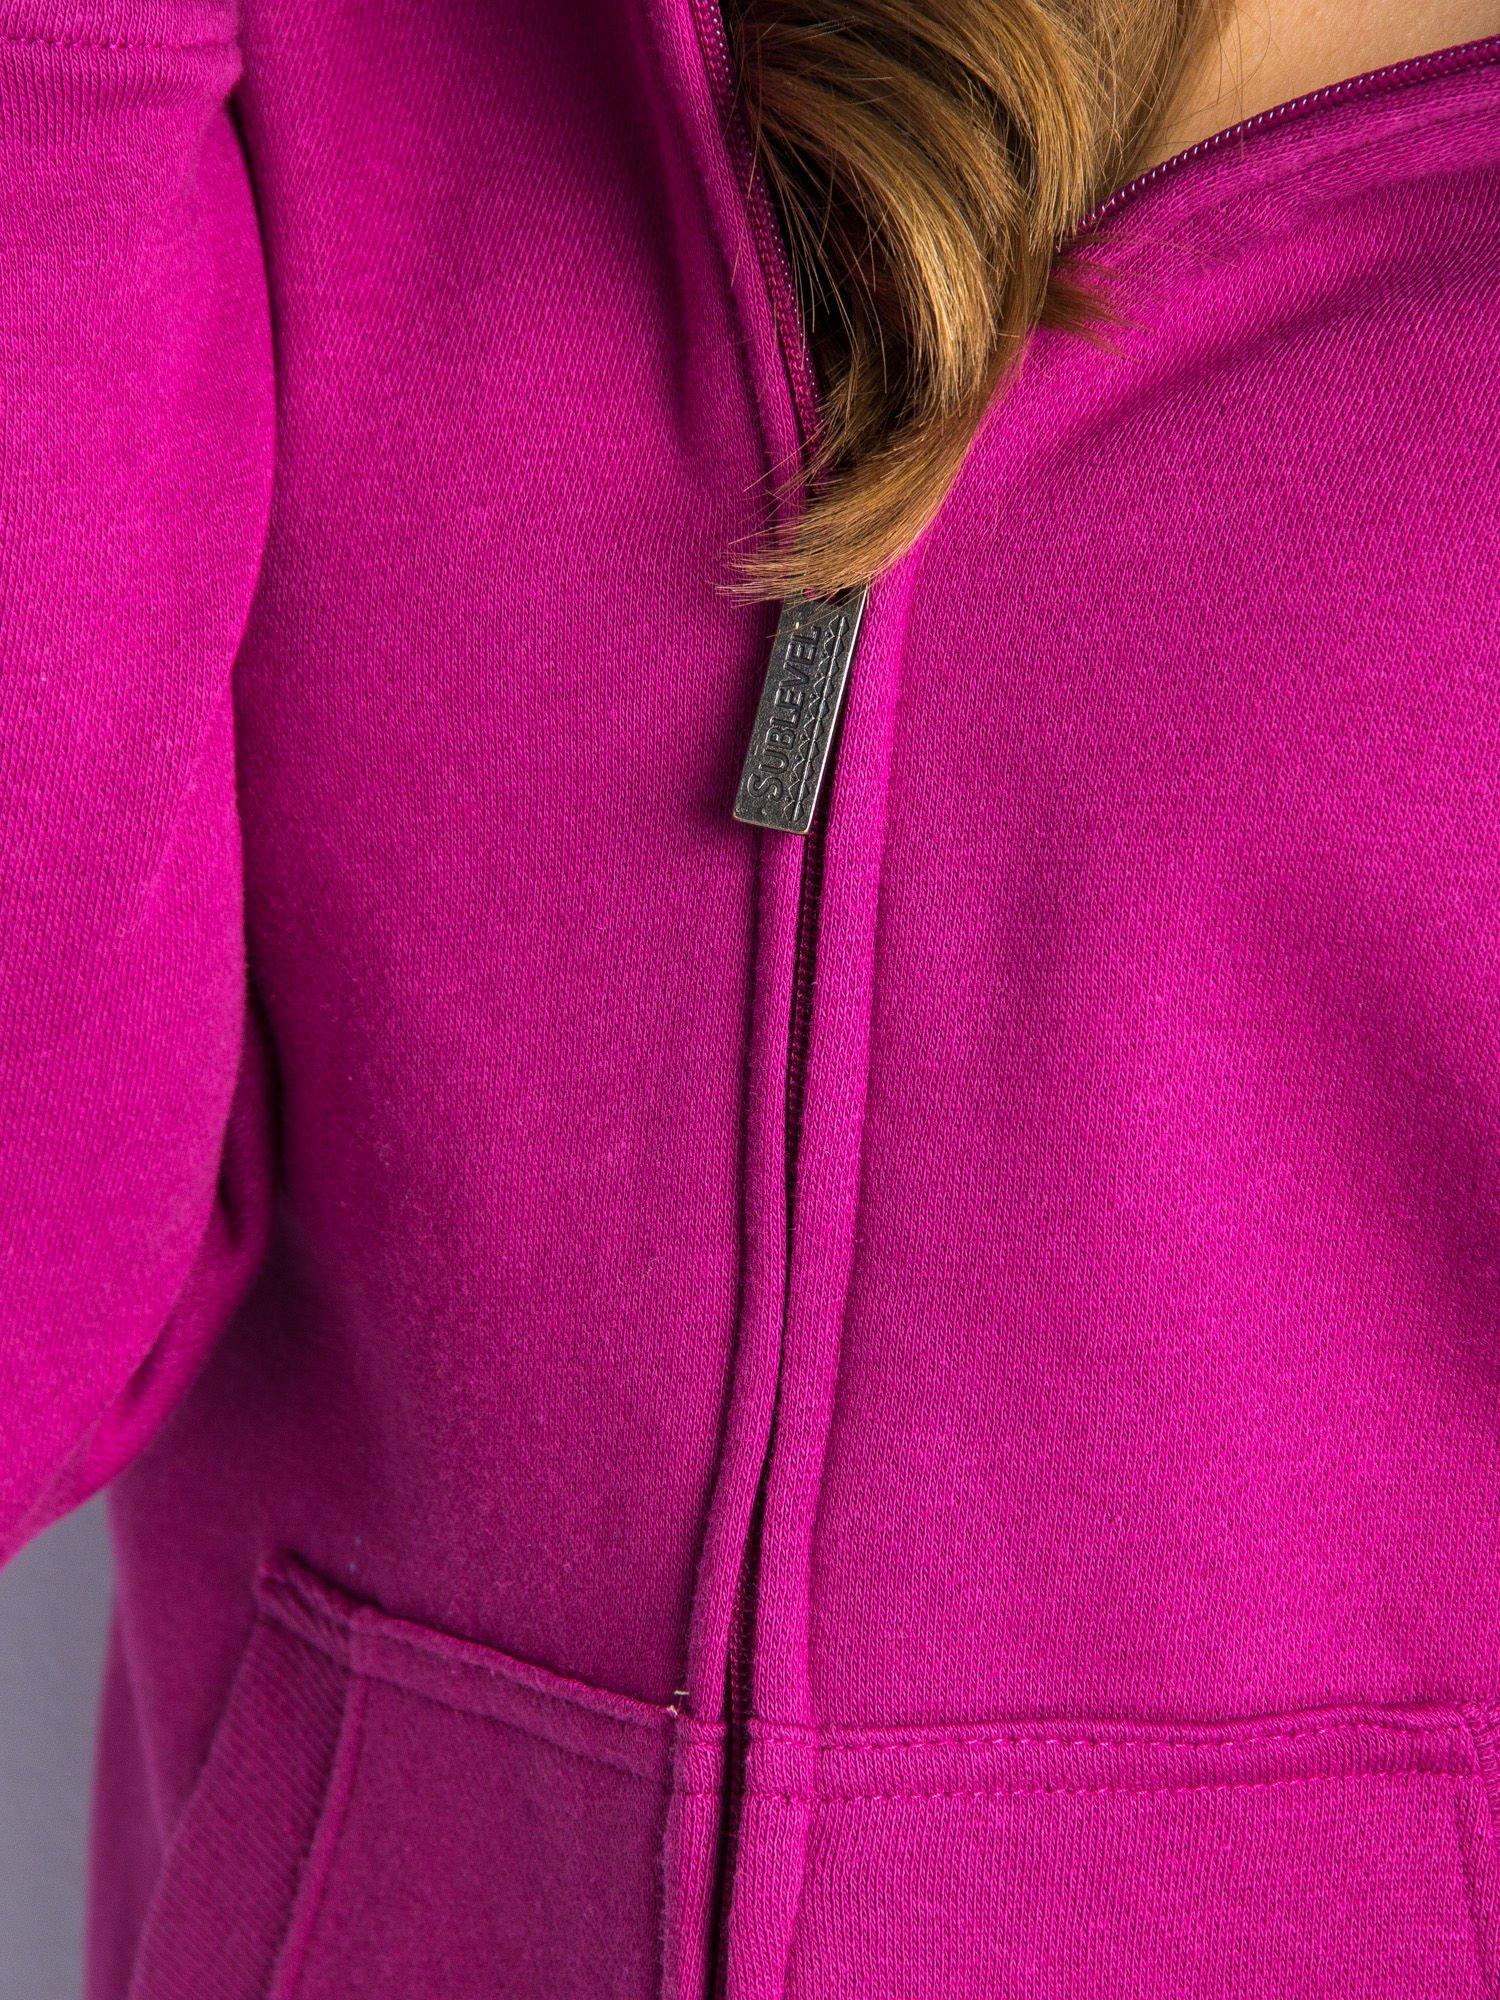 Różowa dresowa bluza sportowa z kapturem                                  zdj.                                  6